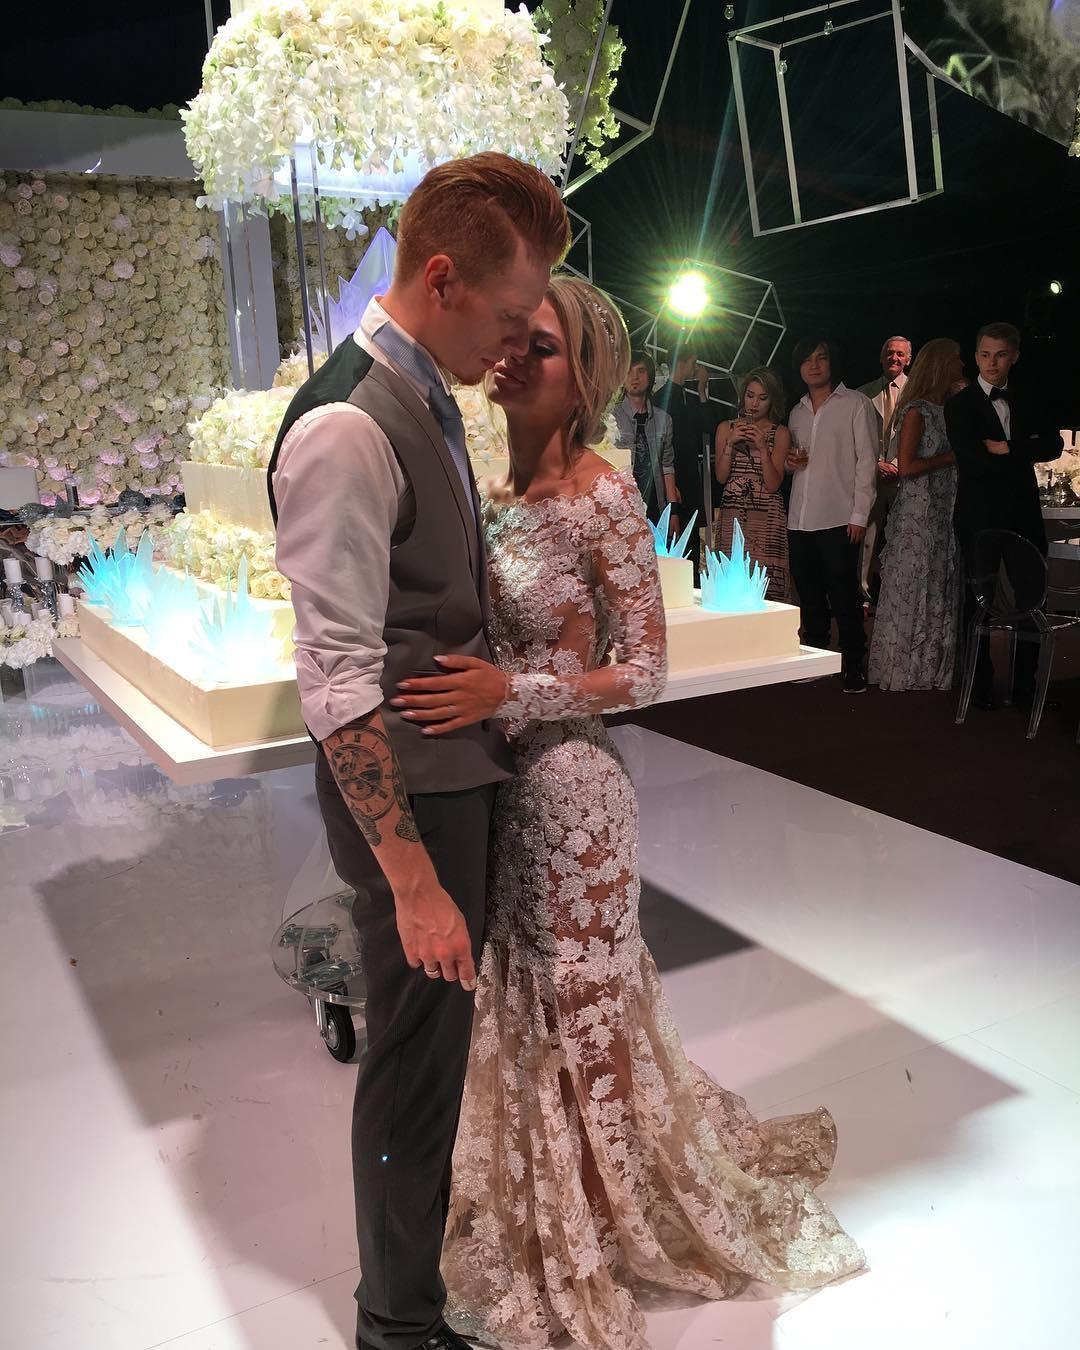 такие есть, фотосессия со свадьбы преснякова и красновой переднем